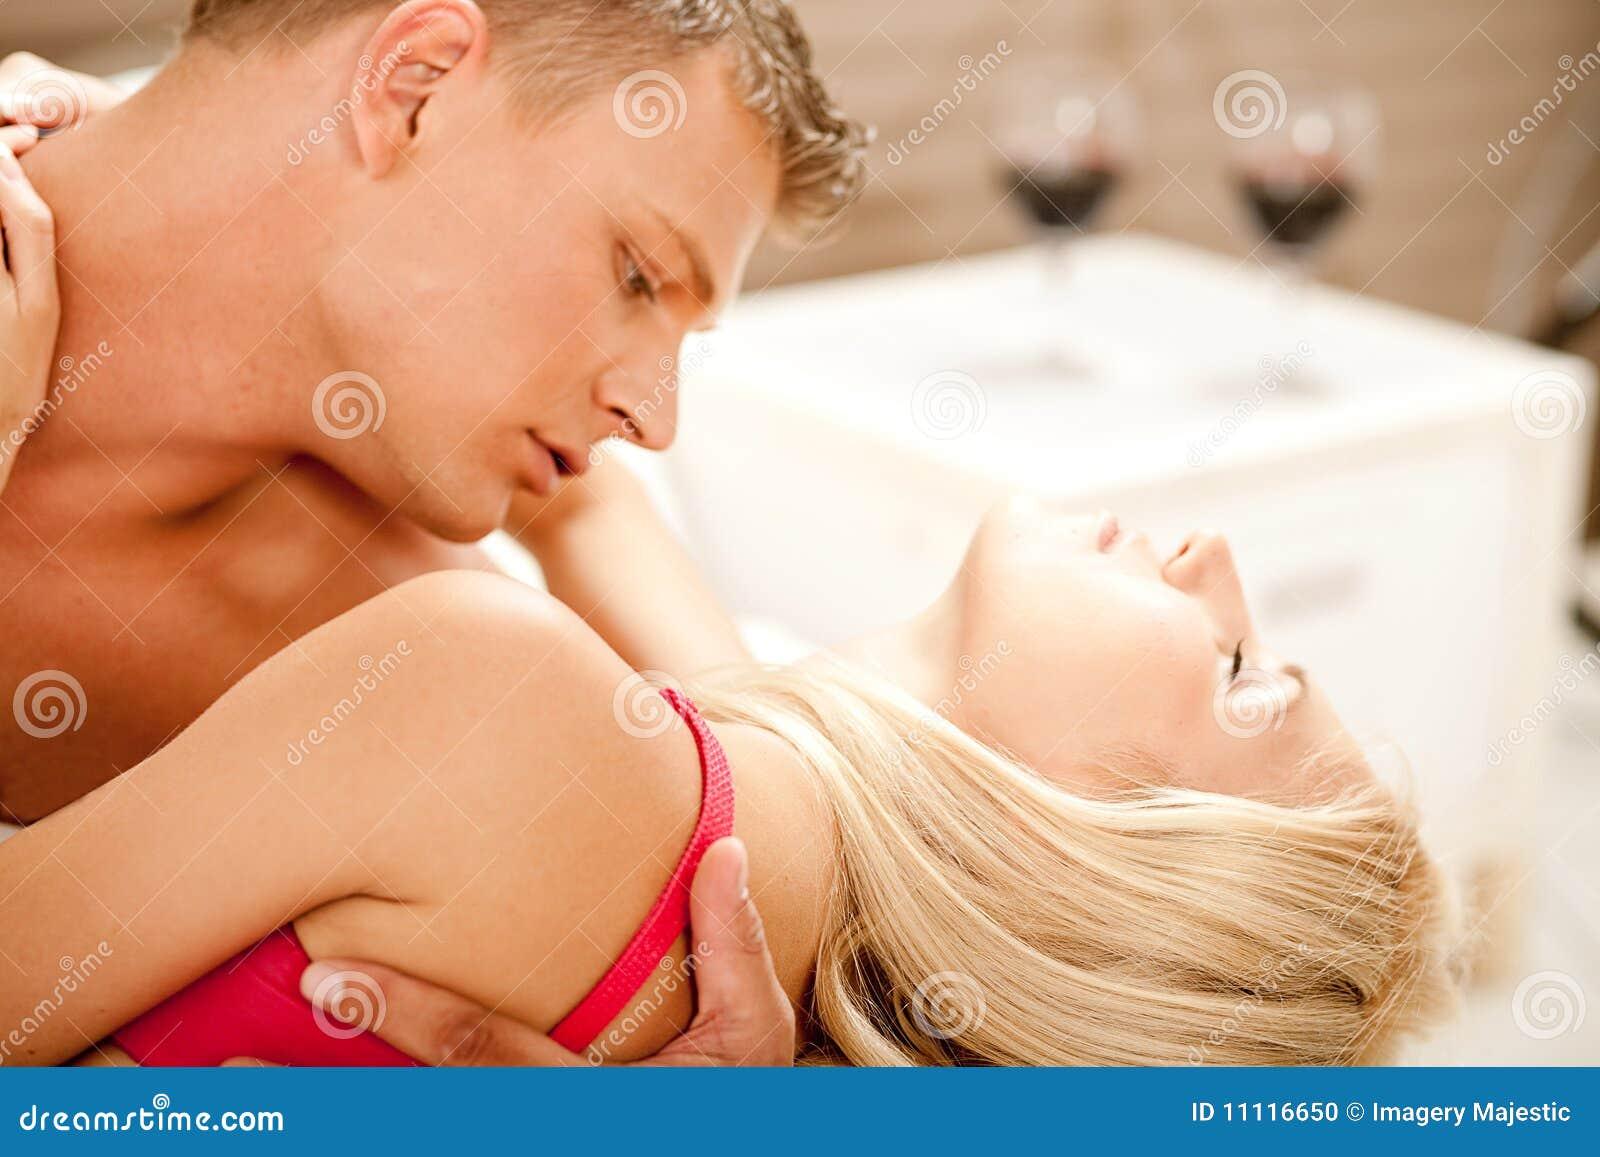 Настояла задержка и хочется секса совсем